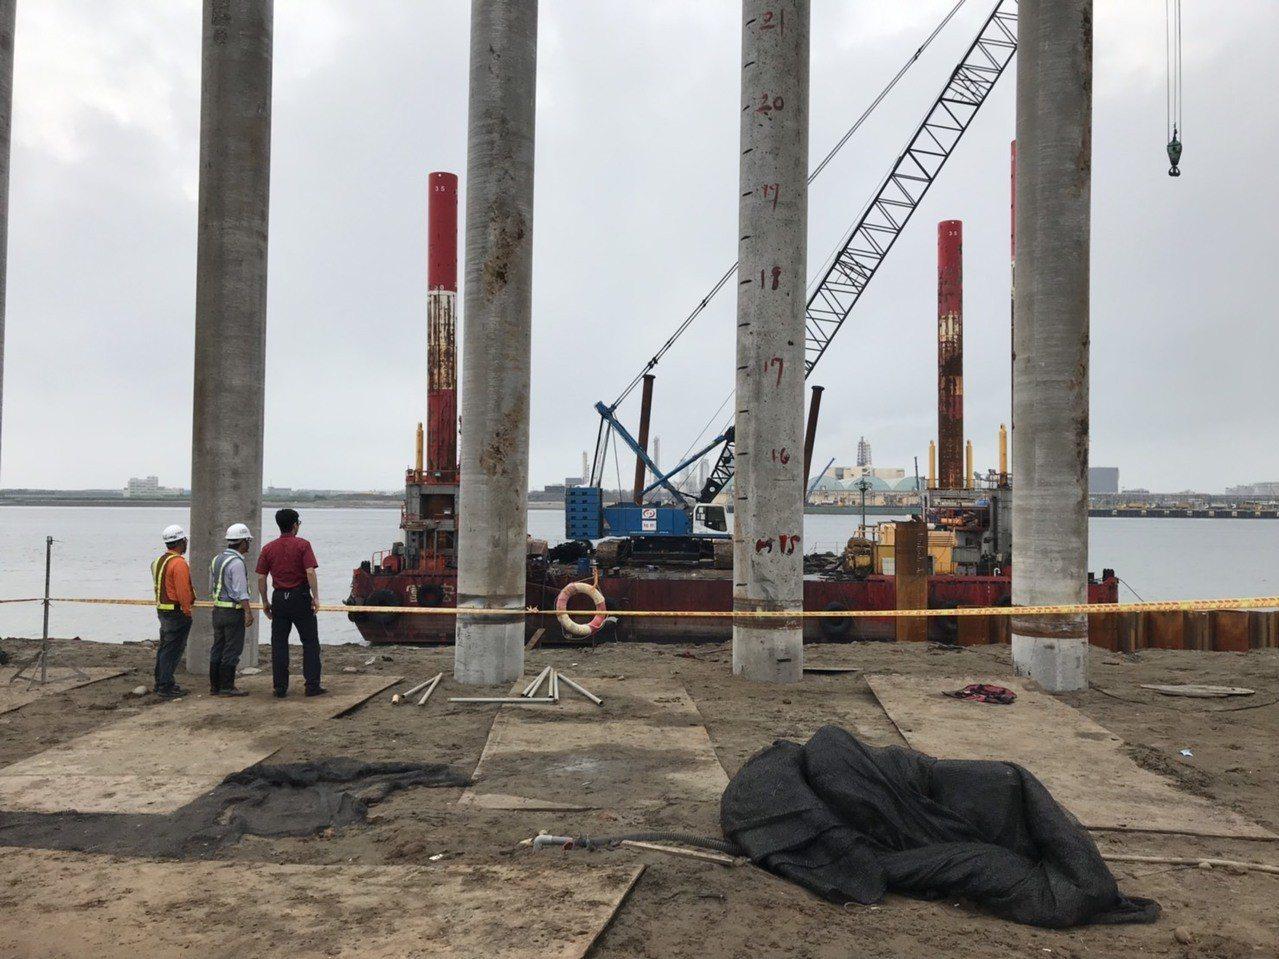 台中港36號碼頭今天發生工人落海意外,3人都受傷。記者游振昇/翻攝